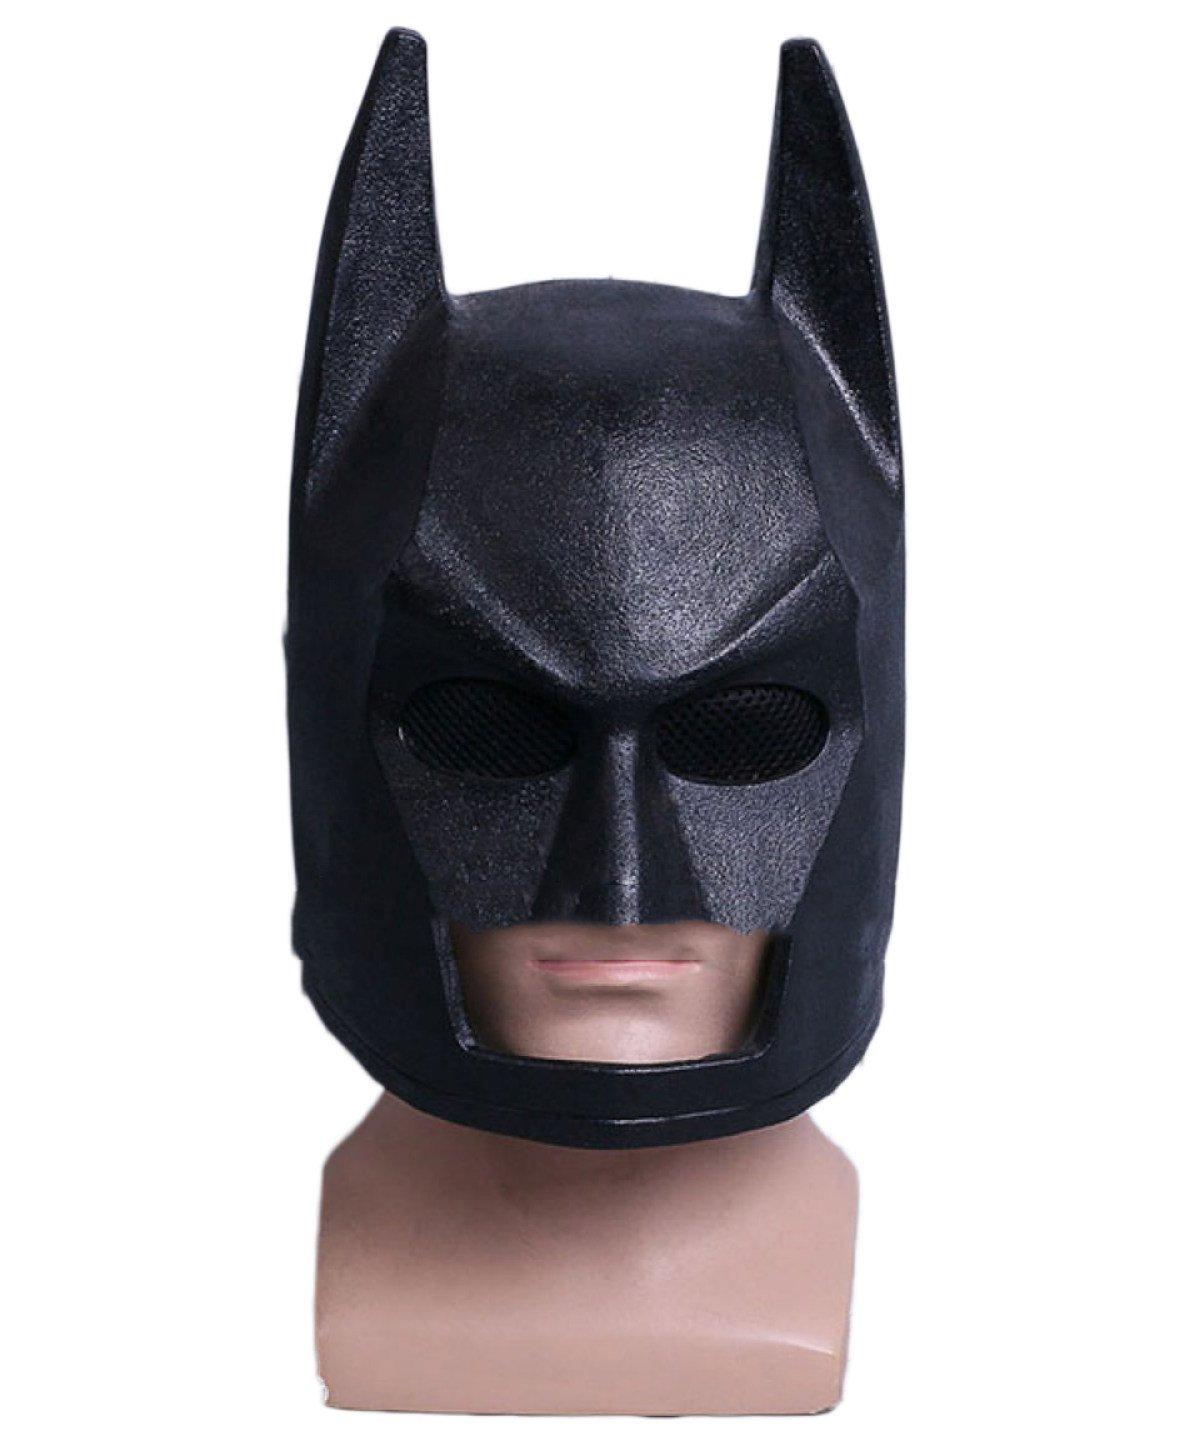 Cosplay Maschera Batman Maschera Casco Cosplay Halloween Cos Maschera Casco Puntelli,LegoBatmanHelmet-OneDimensione